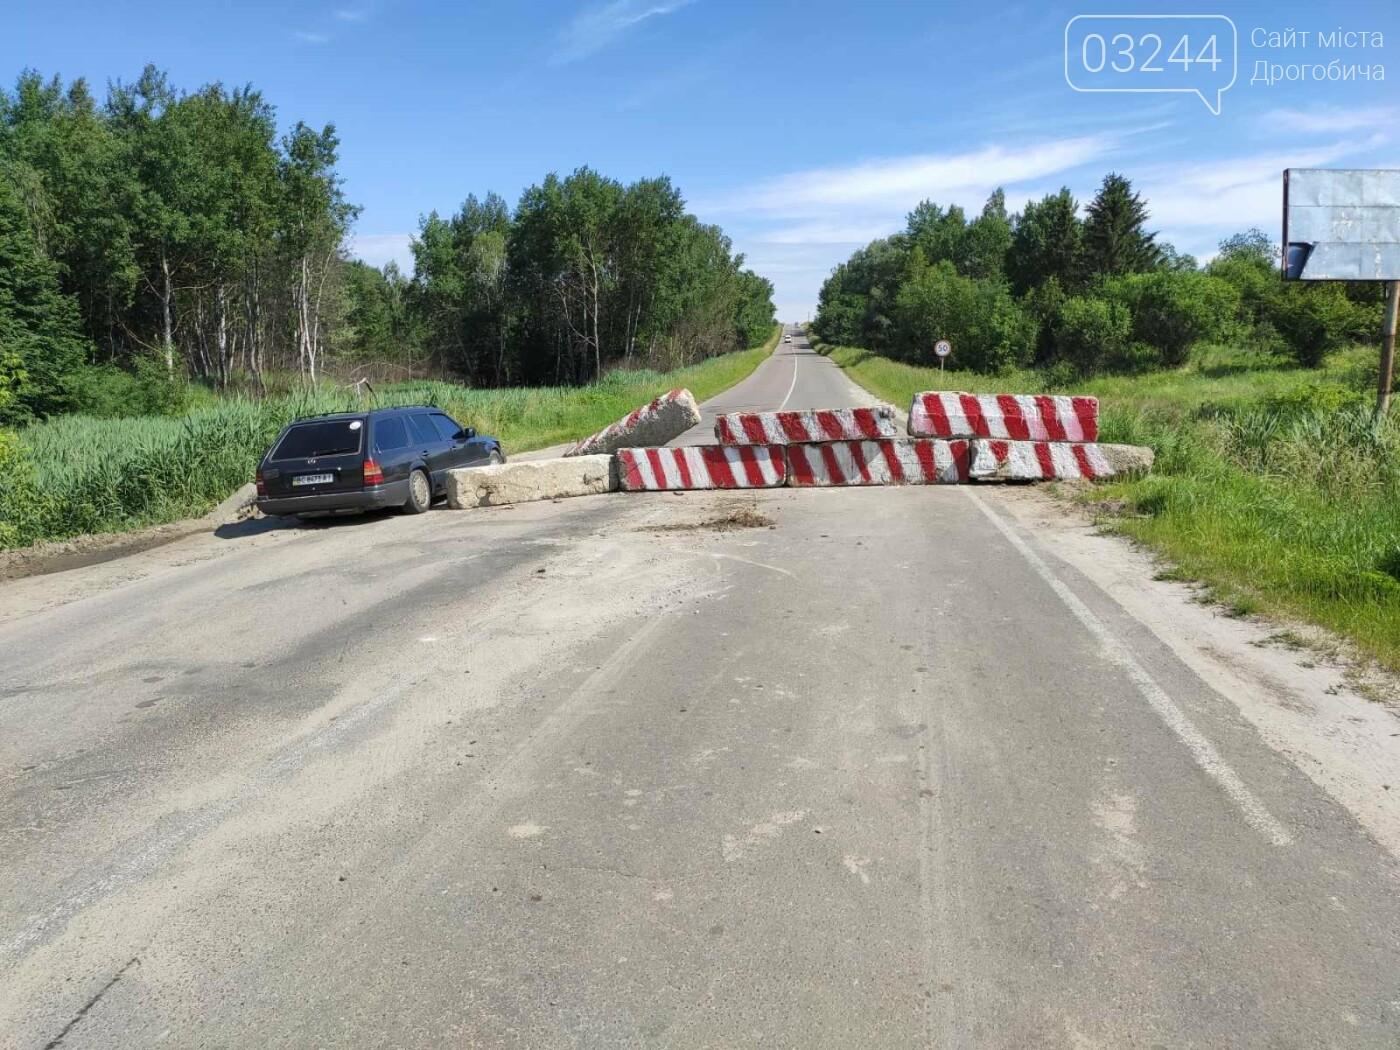 Дорогу на Трускавець вчергове відкрили: вночі відсунули бетонні блоки, - ФОТО, фото-6